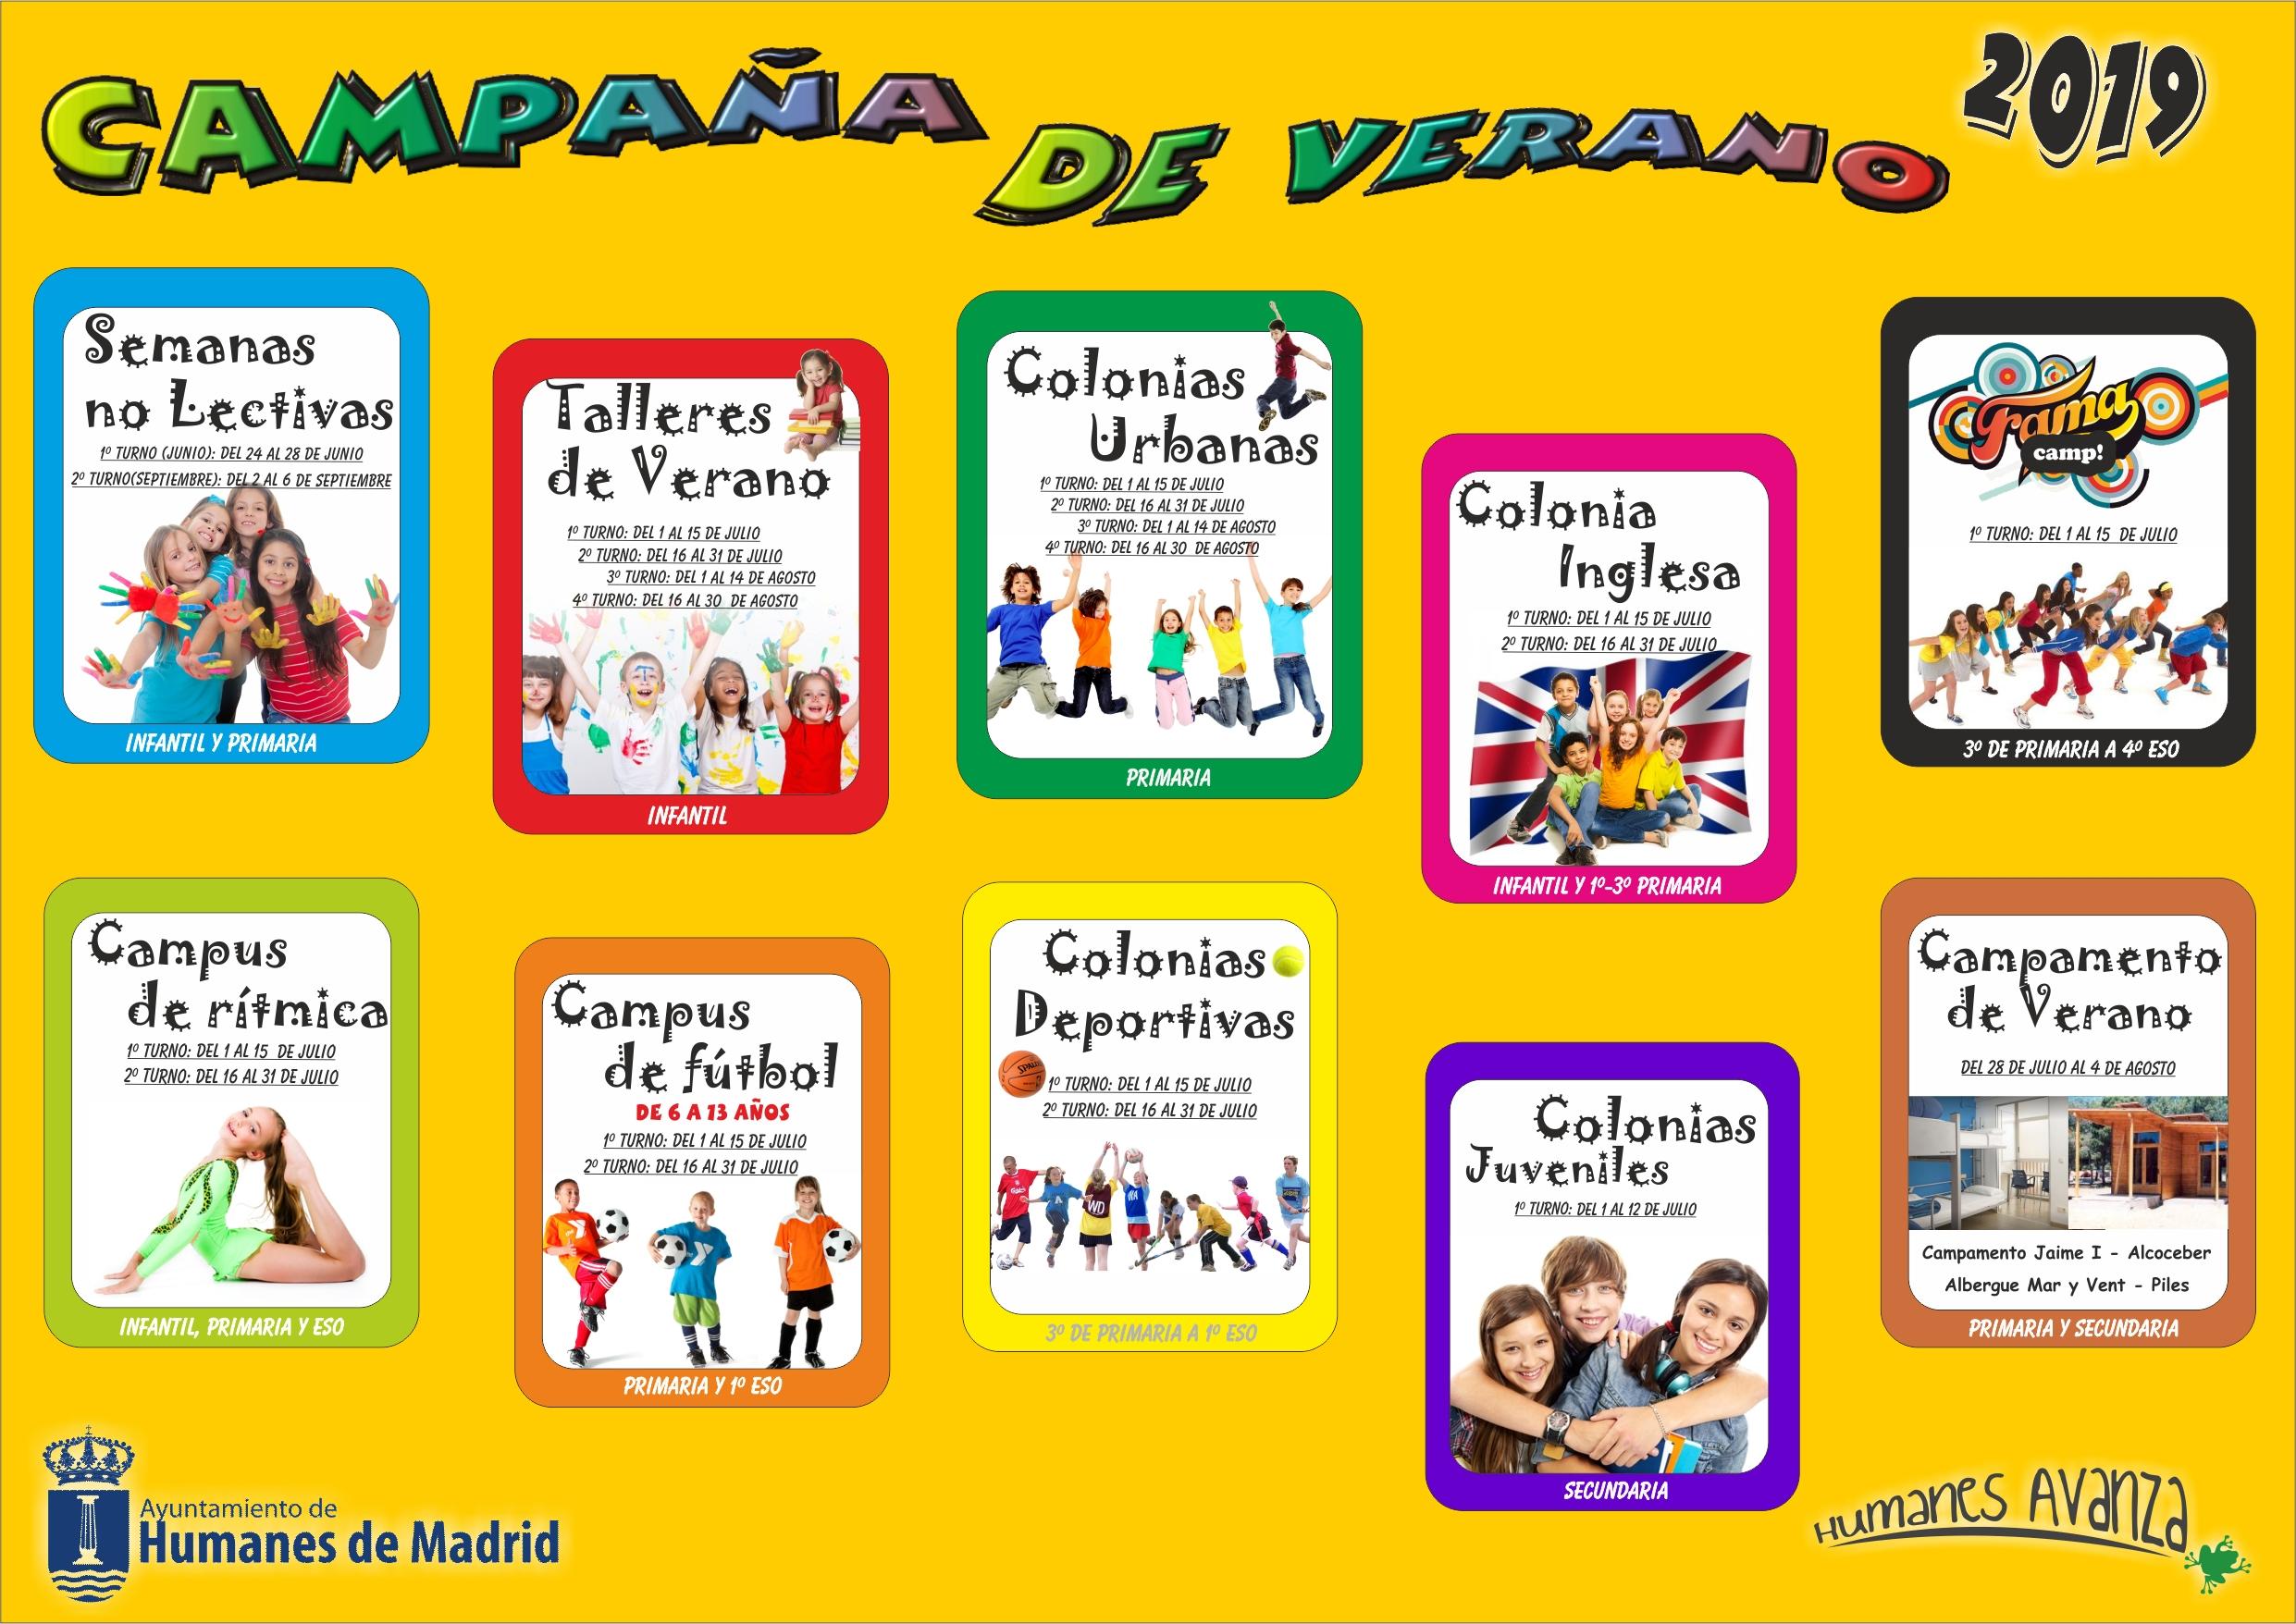 La Concejalía de Infancia abre el plazo extraordinario para inscribirse en las actividades de la Campaña de Verano 2019